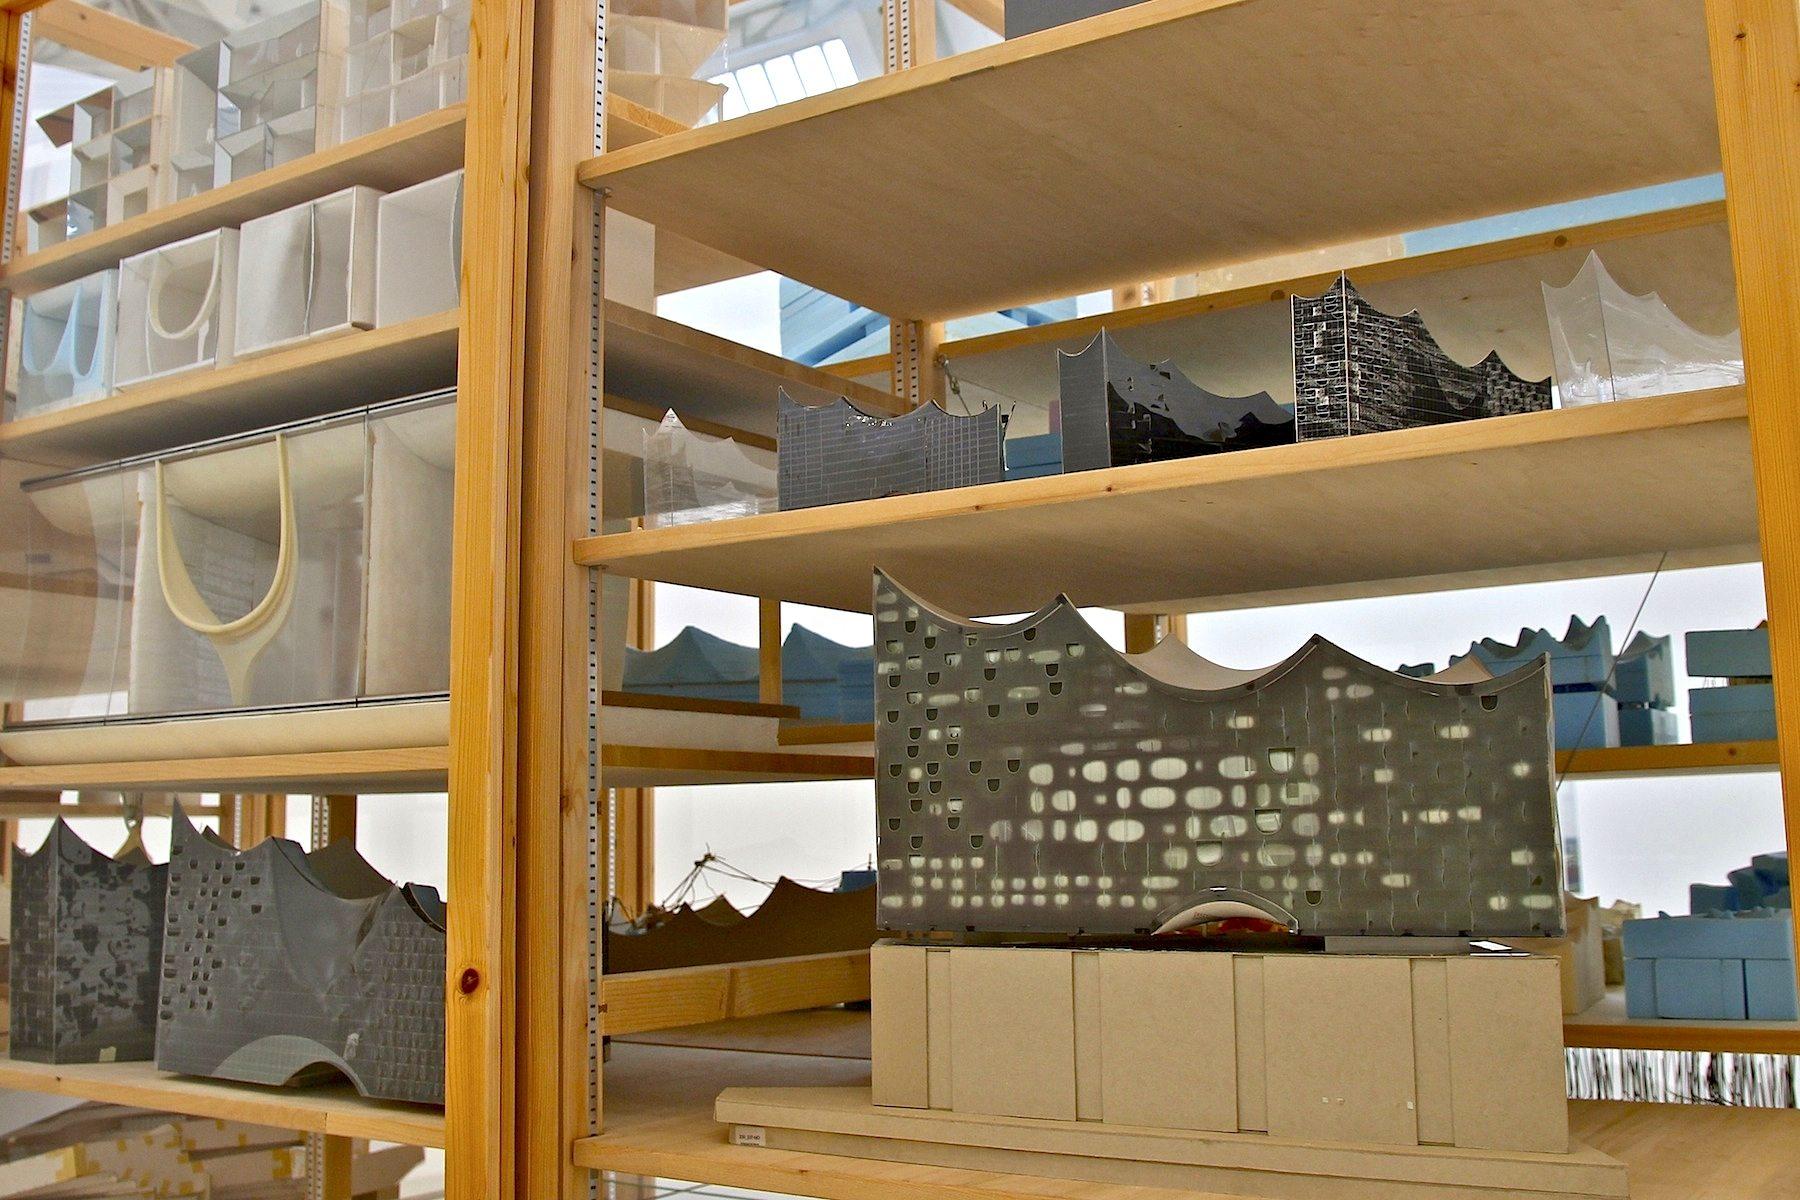 Elbphilharmonie revisited. Es wurden für das Projekt international renommierte Künstler ausgewählt, die eine enge Beziehung zur Welt der Architektur verbindet und die sich von der mehrmonatigen Testphase des Gebäudes vor der Eröffnung künstlerisch inspirieren ließen.